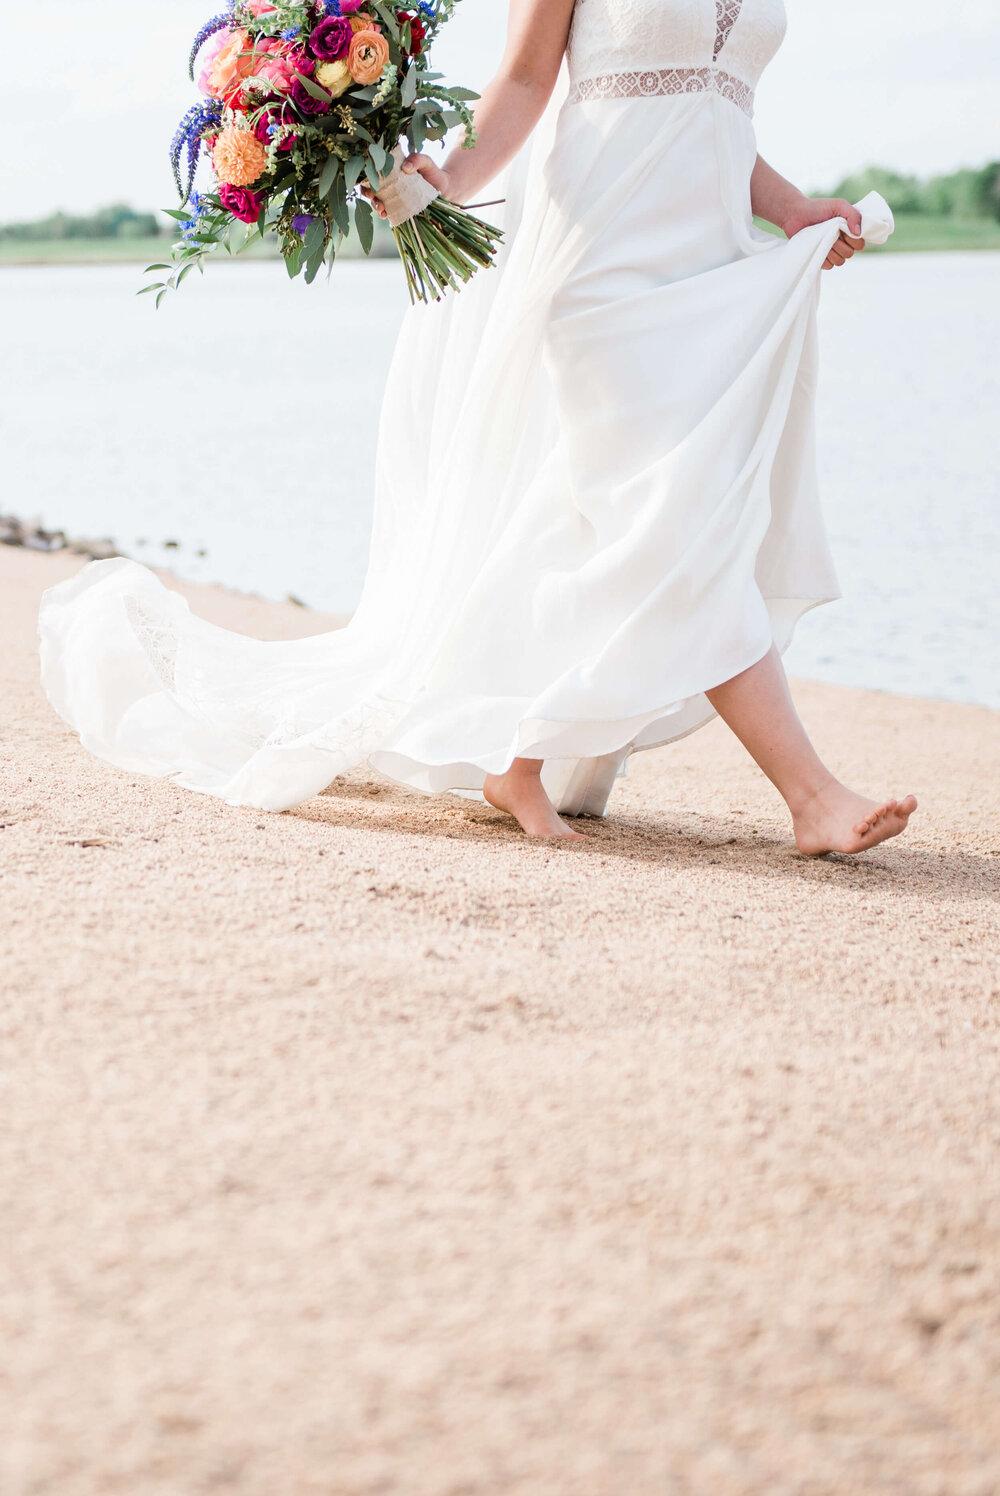 Colorado Beach Boho Elopement Photography